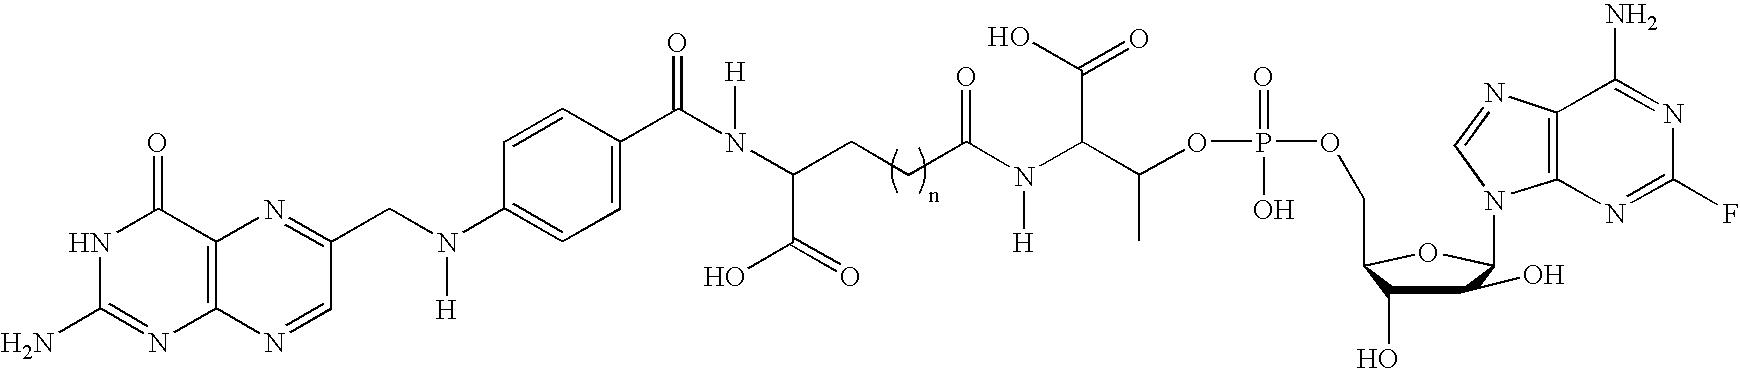 Figure US07858625-20101228-C00026